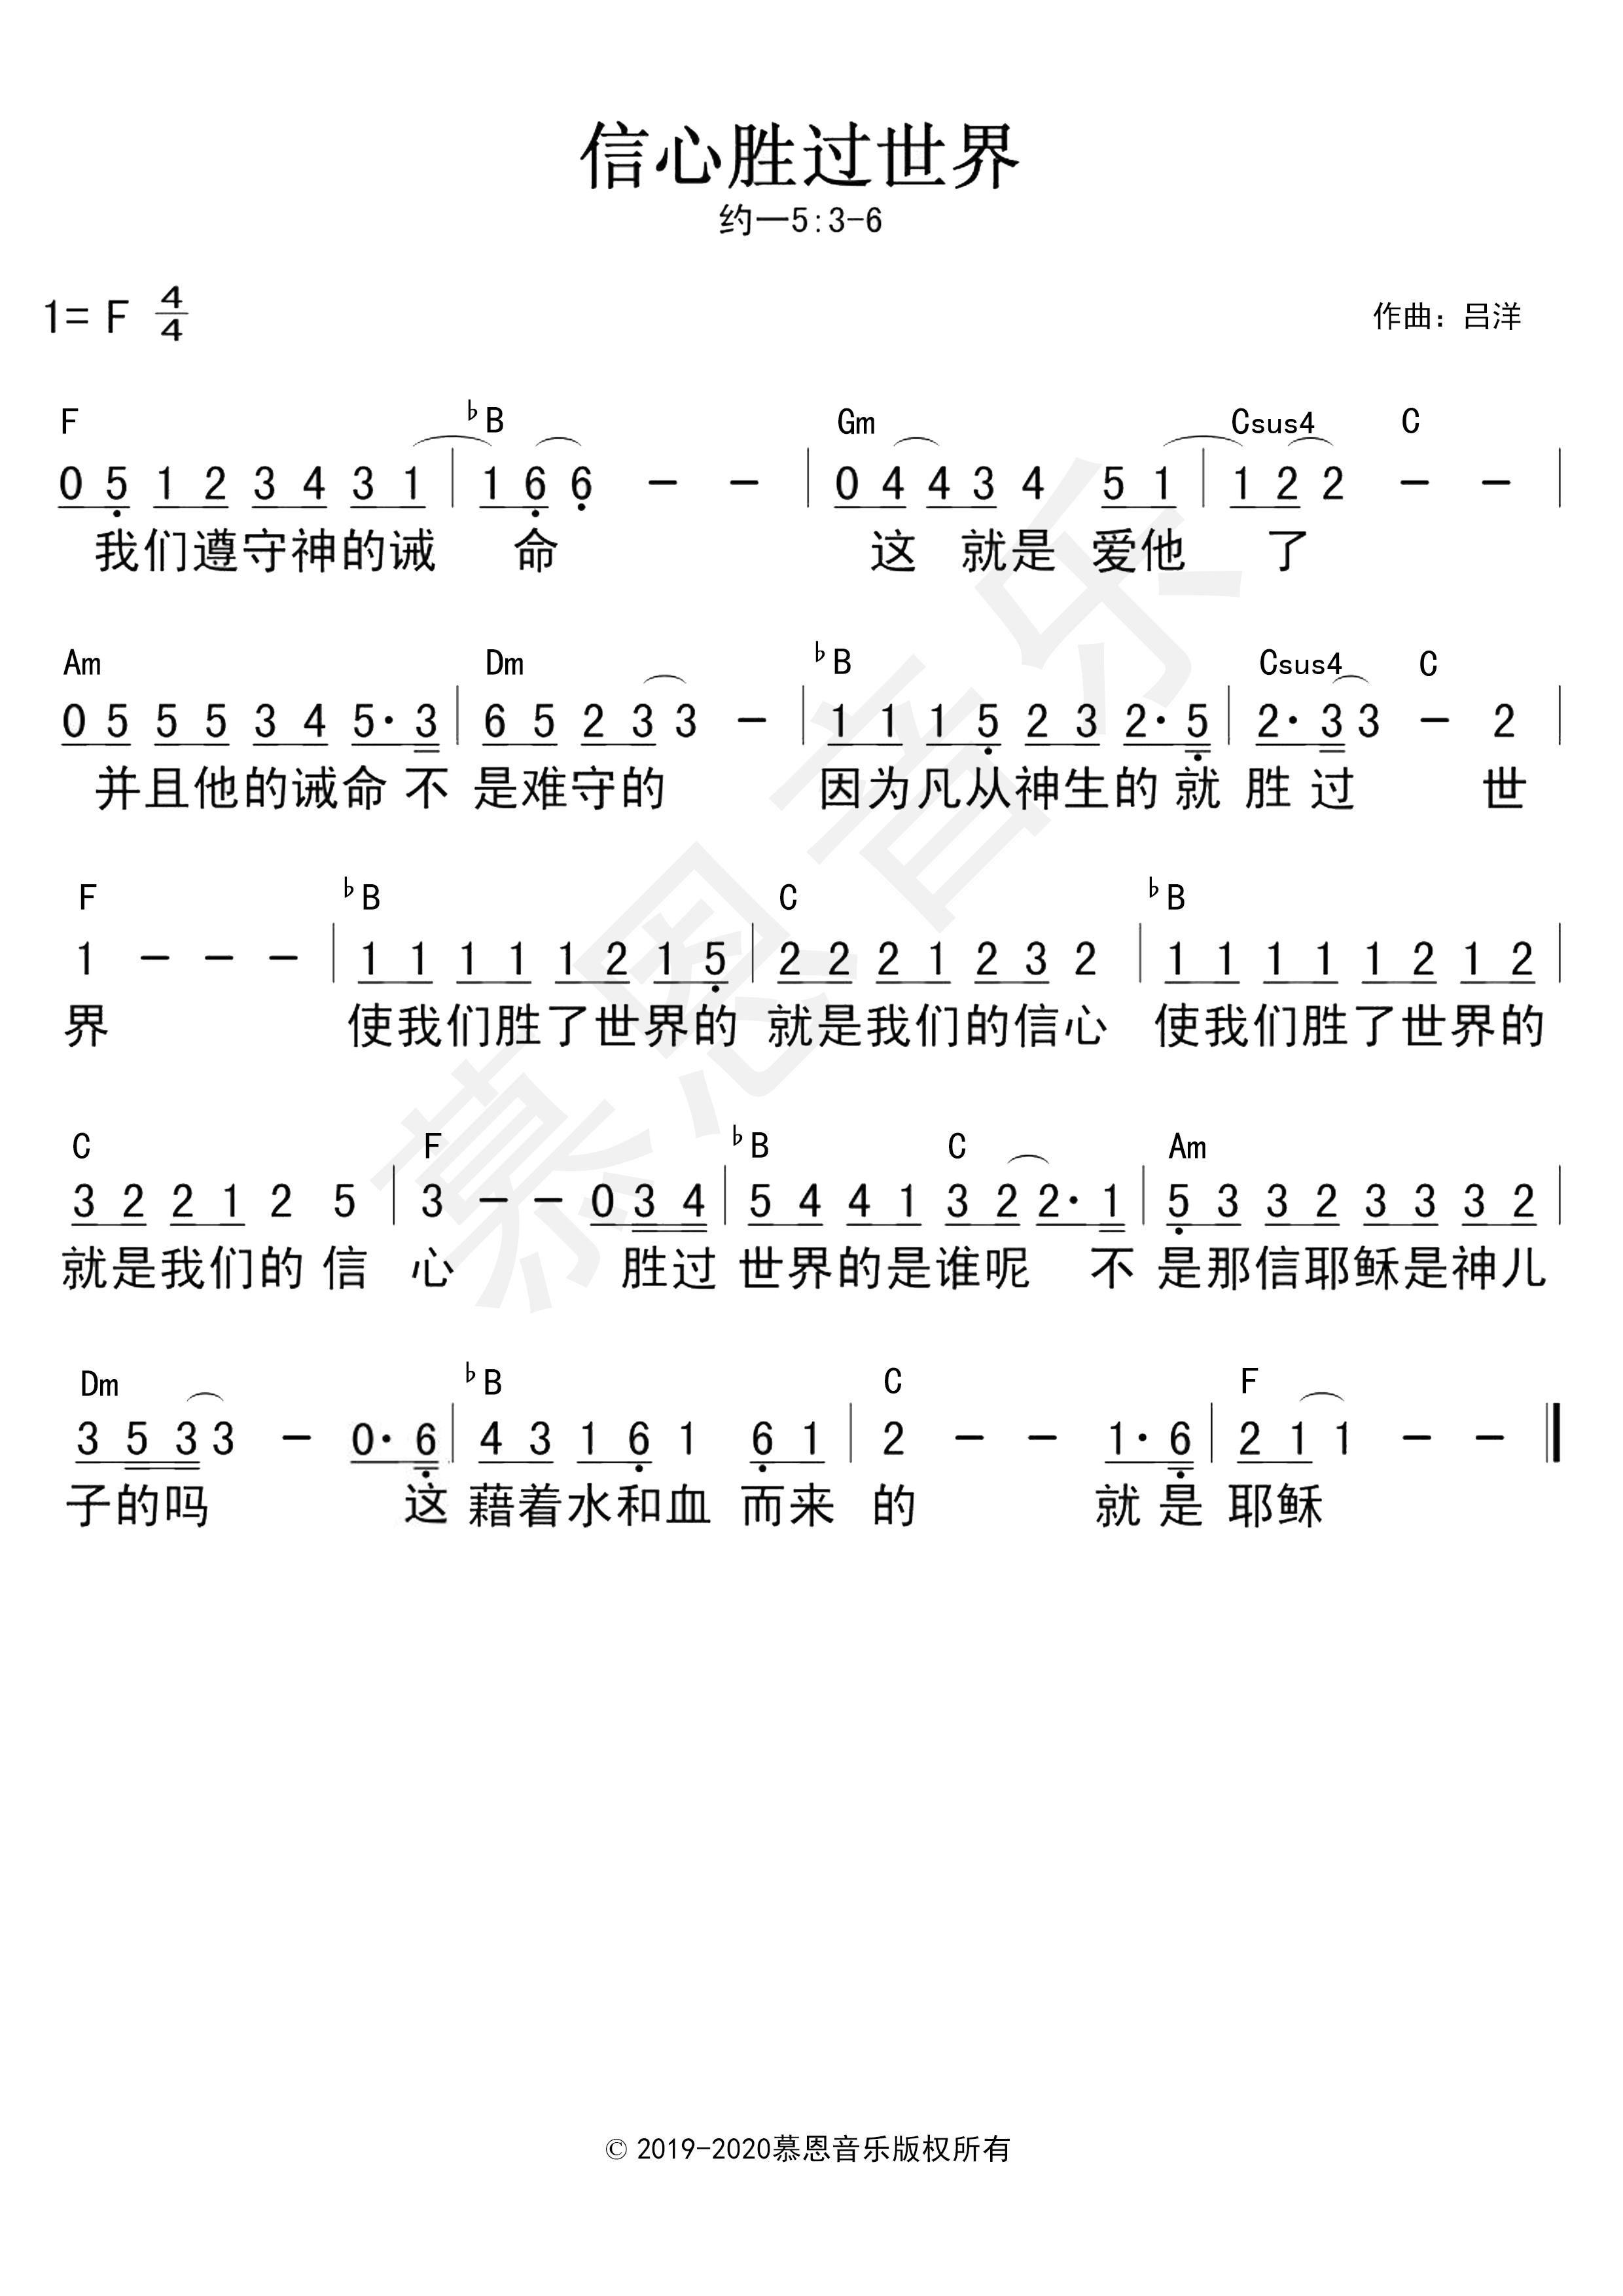 《第94首 信心胜过世界 官方和弦简谱》